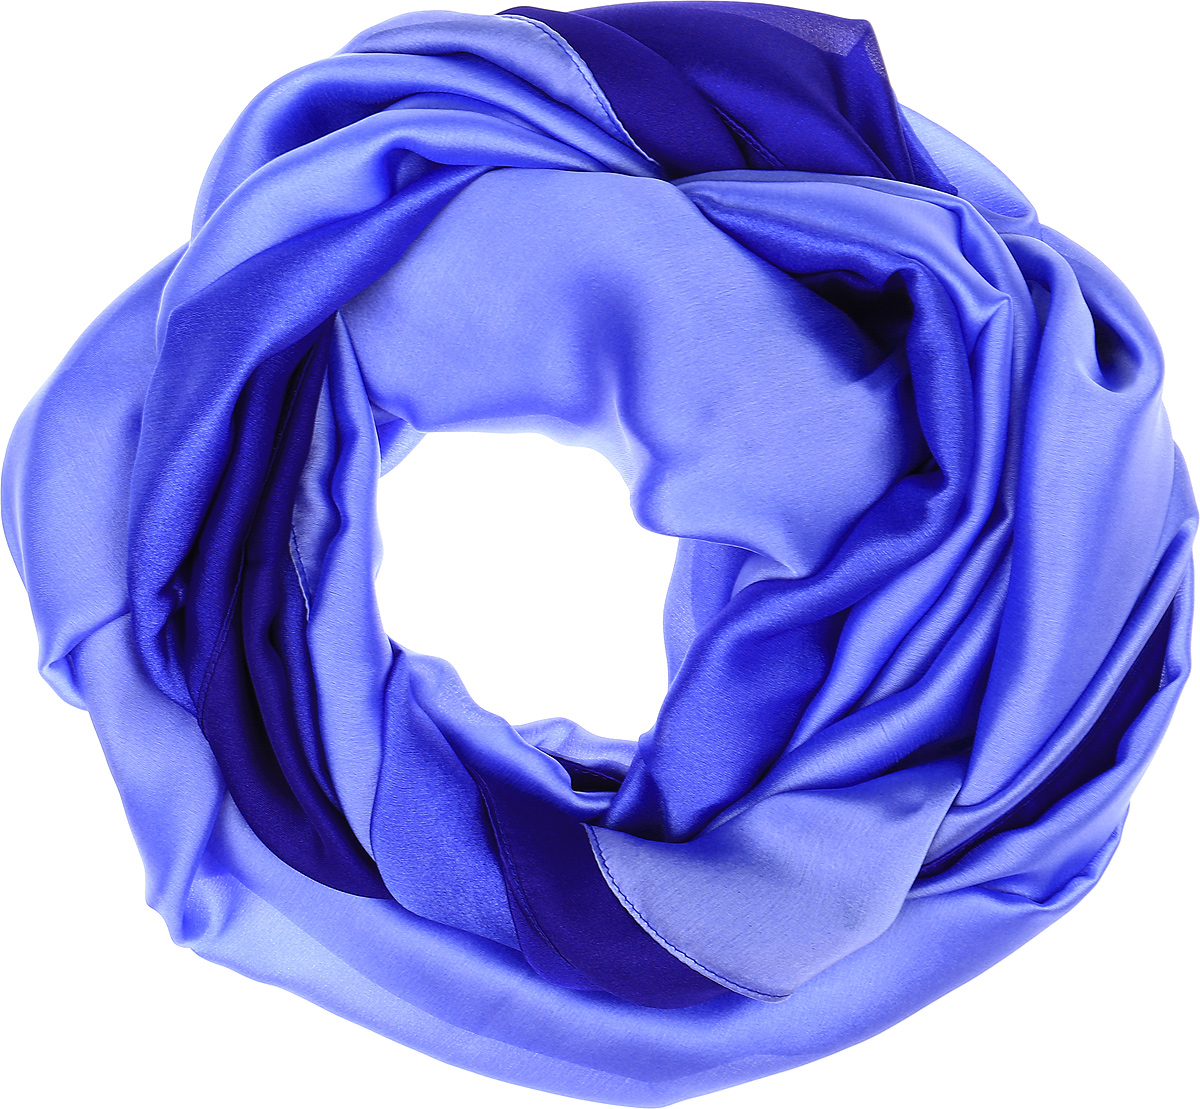 Палантин Vita Pelle, цвет: васильковый. Ro02PG1637/3. Размер 90 см х 180 смRo02PG1637/3Палантин от Vita Pelle изготовлен из шелка с добавлением полиэстера и рами. Модель оформлена градиентным переходом и тонкой подгибкой по краям.